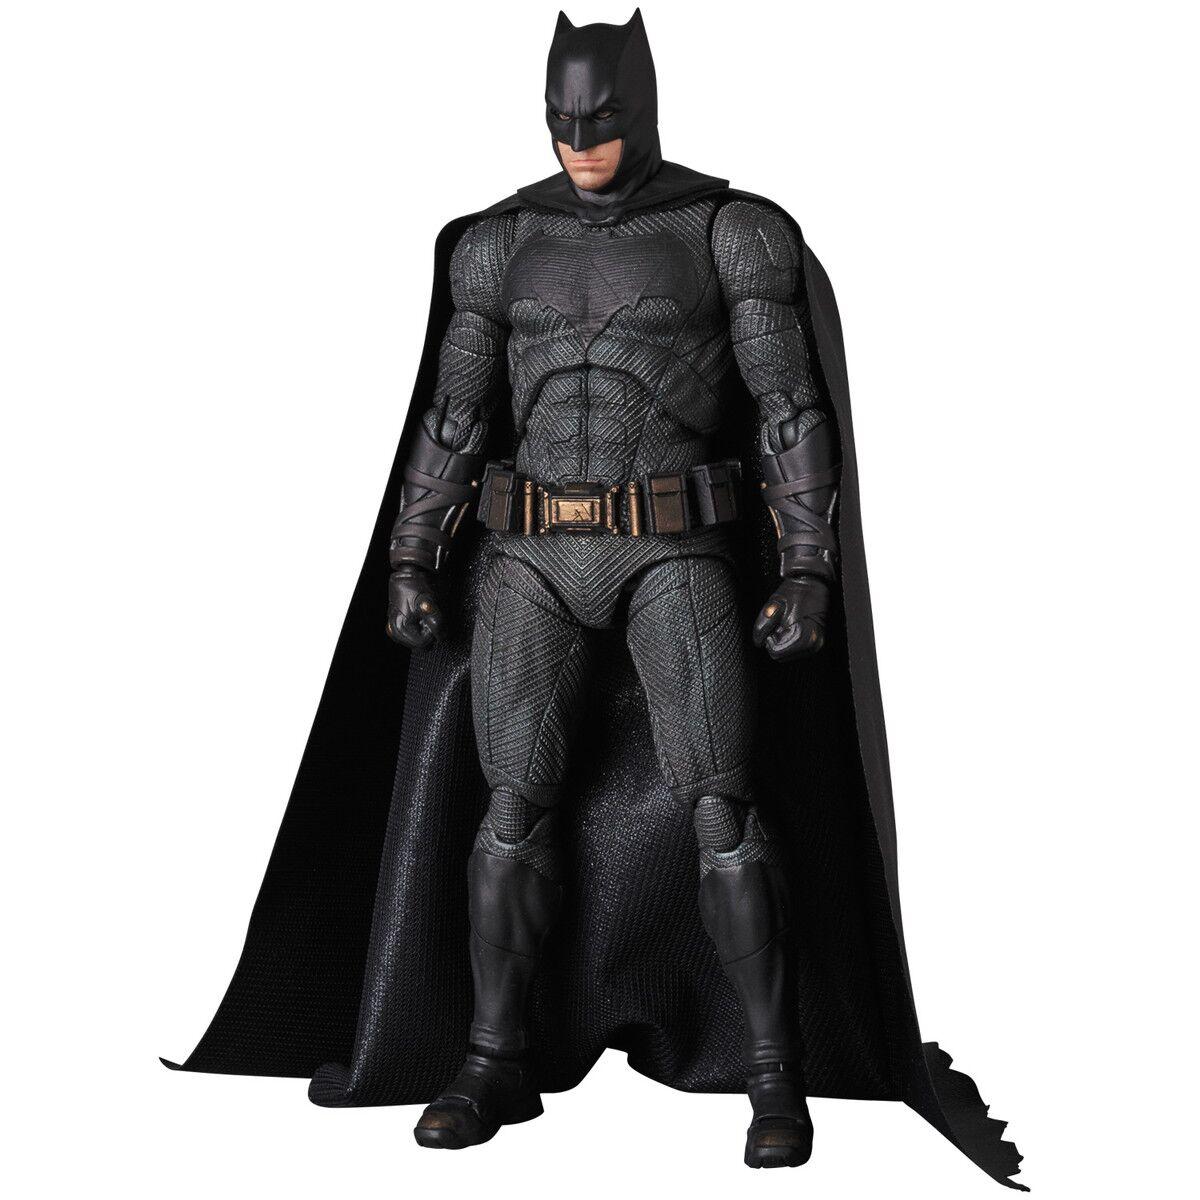 Batman Justice League Figure